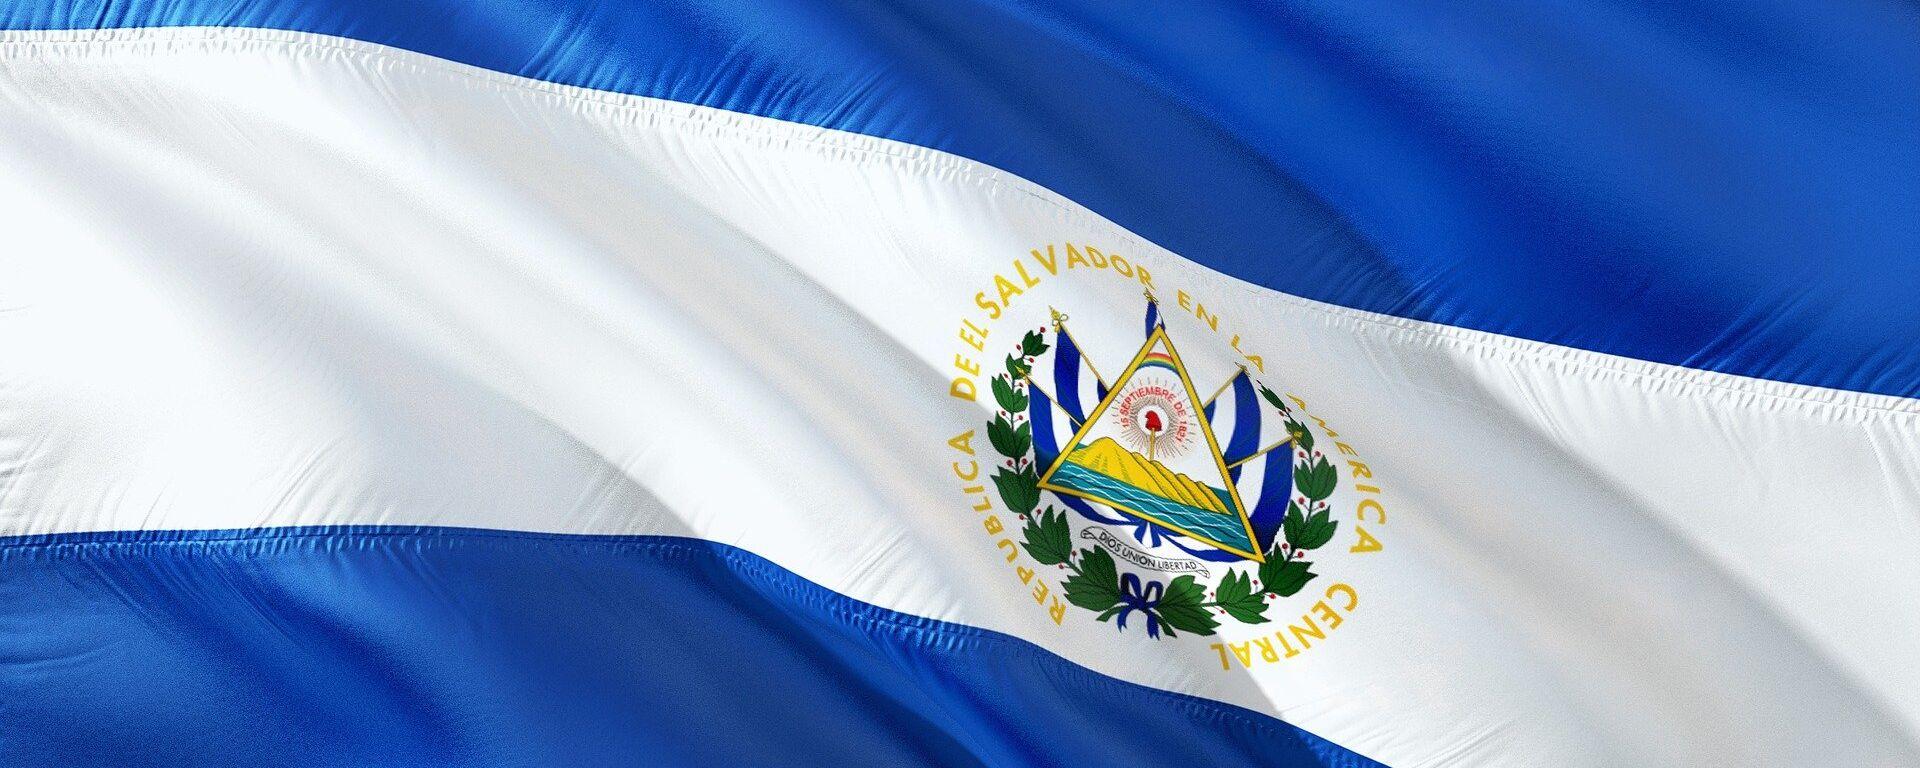 Σημαία του Ελ Σαλβαδόρ - Sputnik Ελλάδα, 1920, 07.09.2021